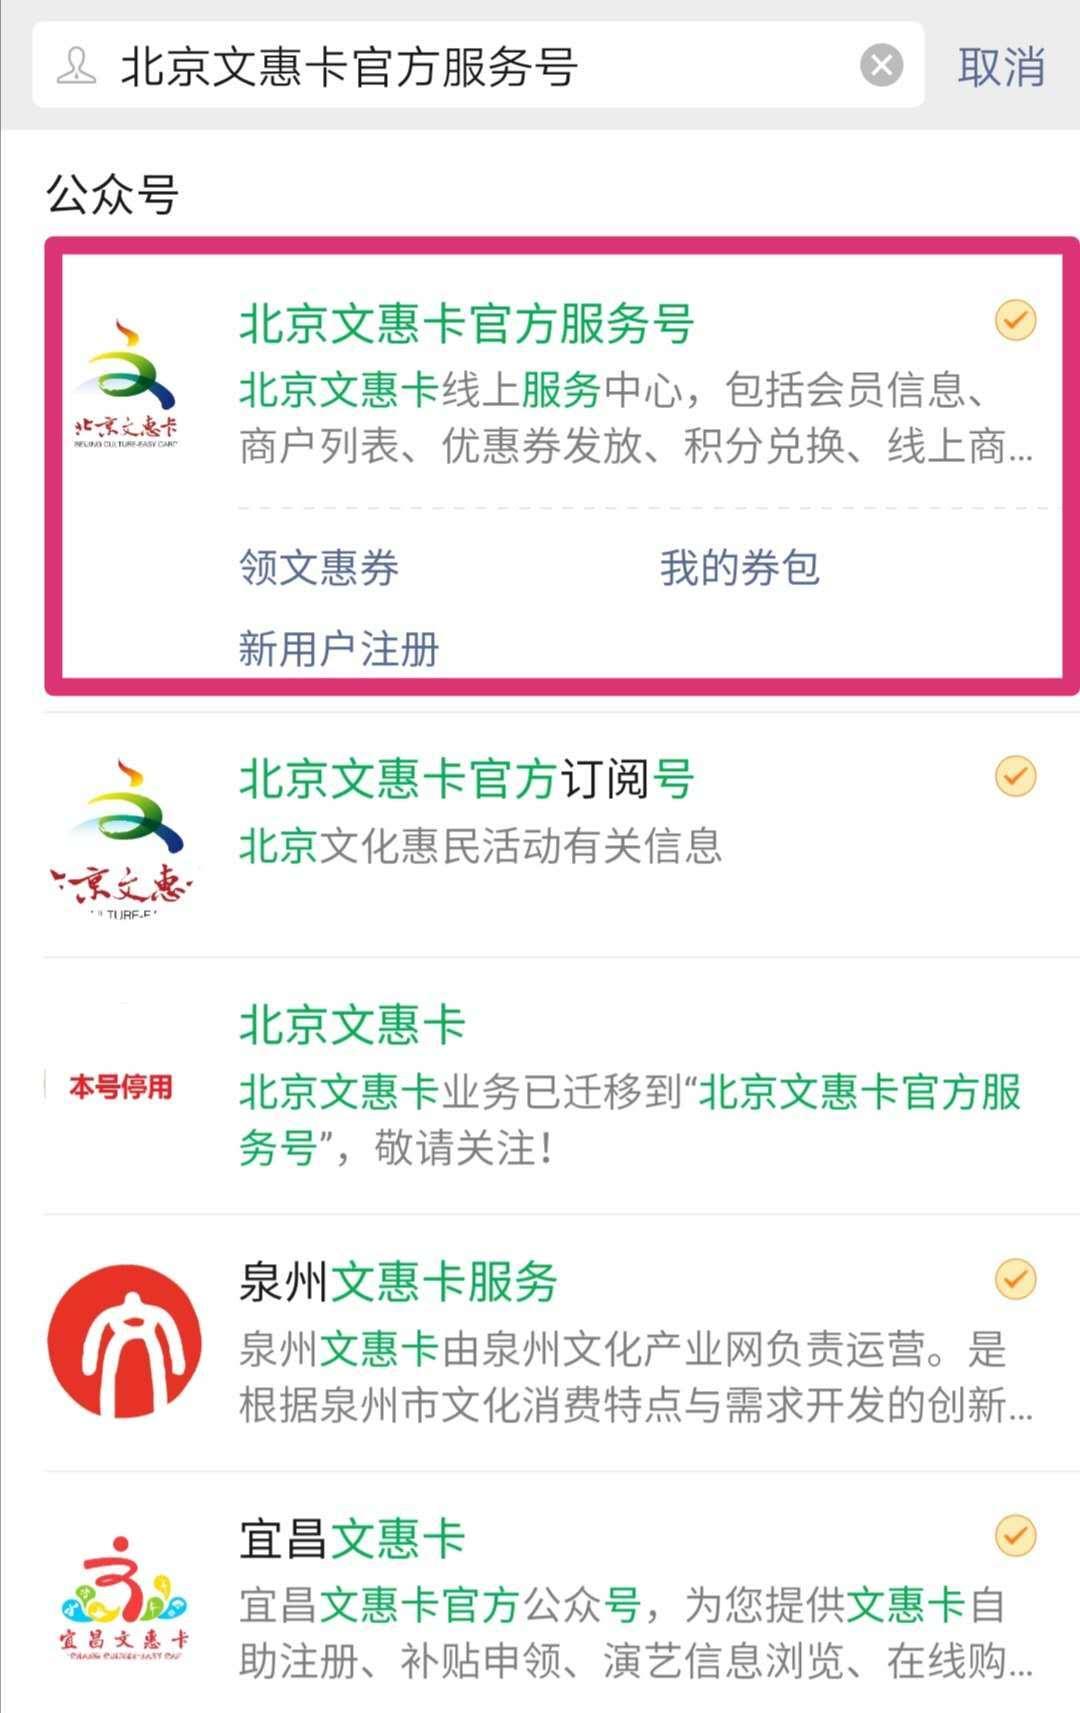 5000万北京惠民文化消费券发放